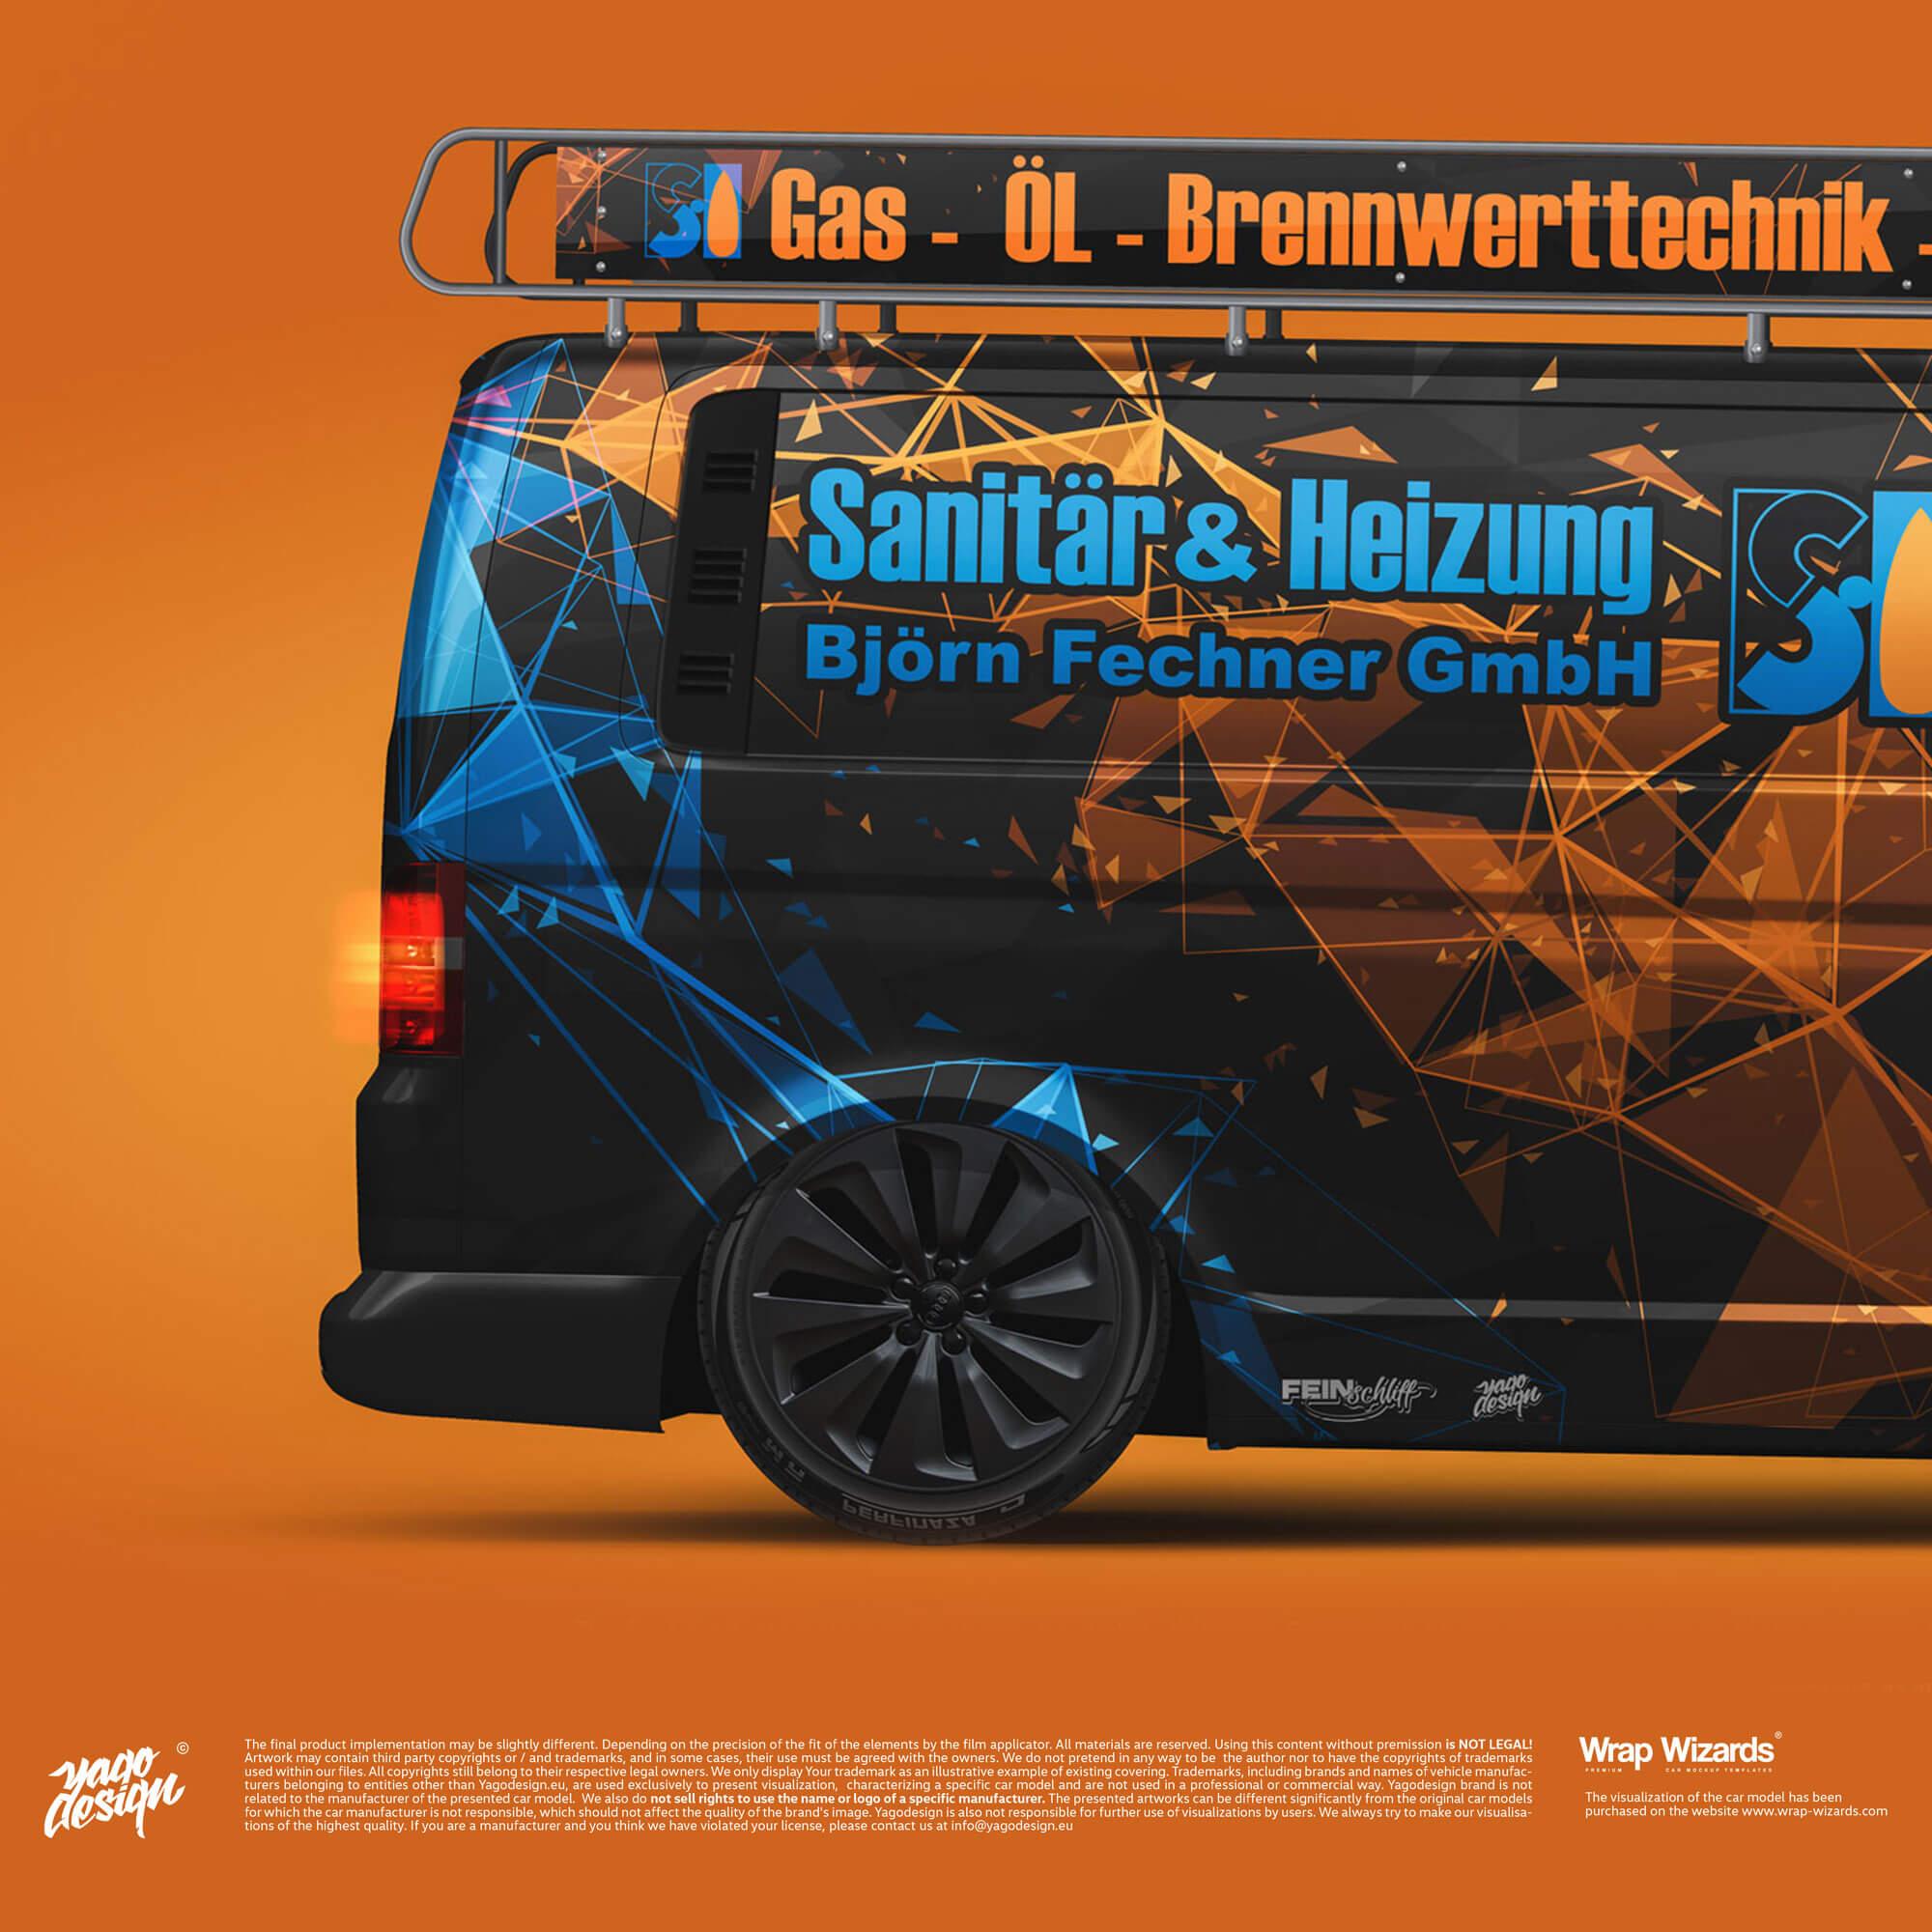 Volkswagen-Transporter-T5-Carwrapping-Design-Studio-Side-4-1